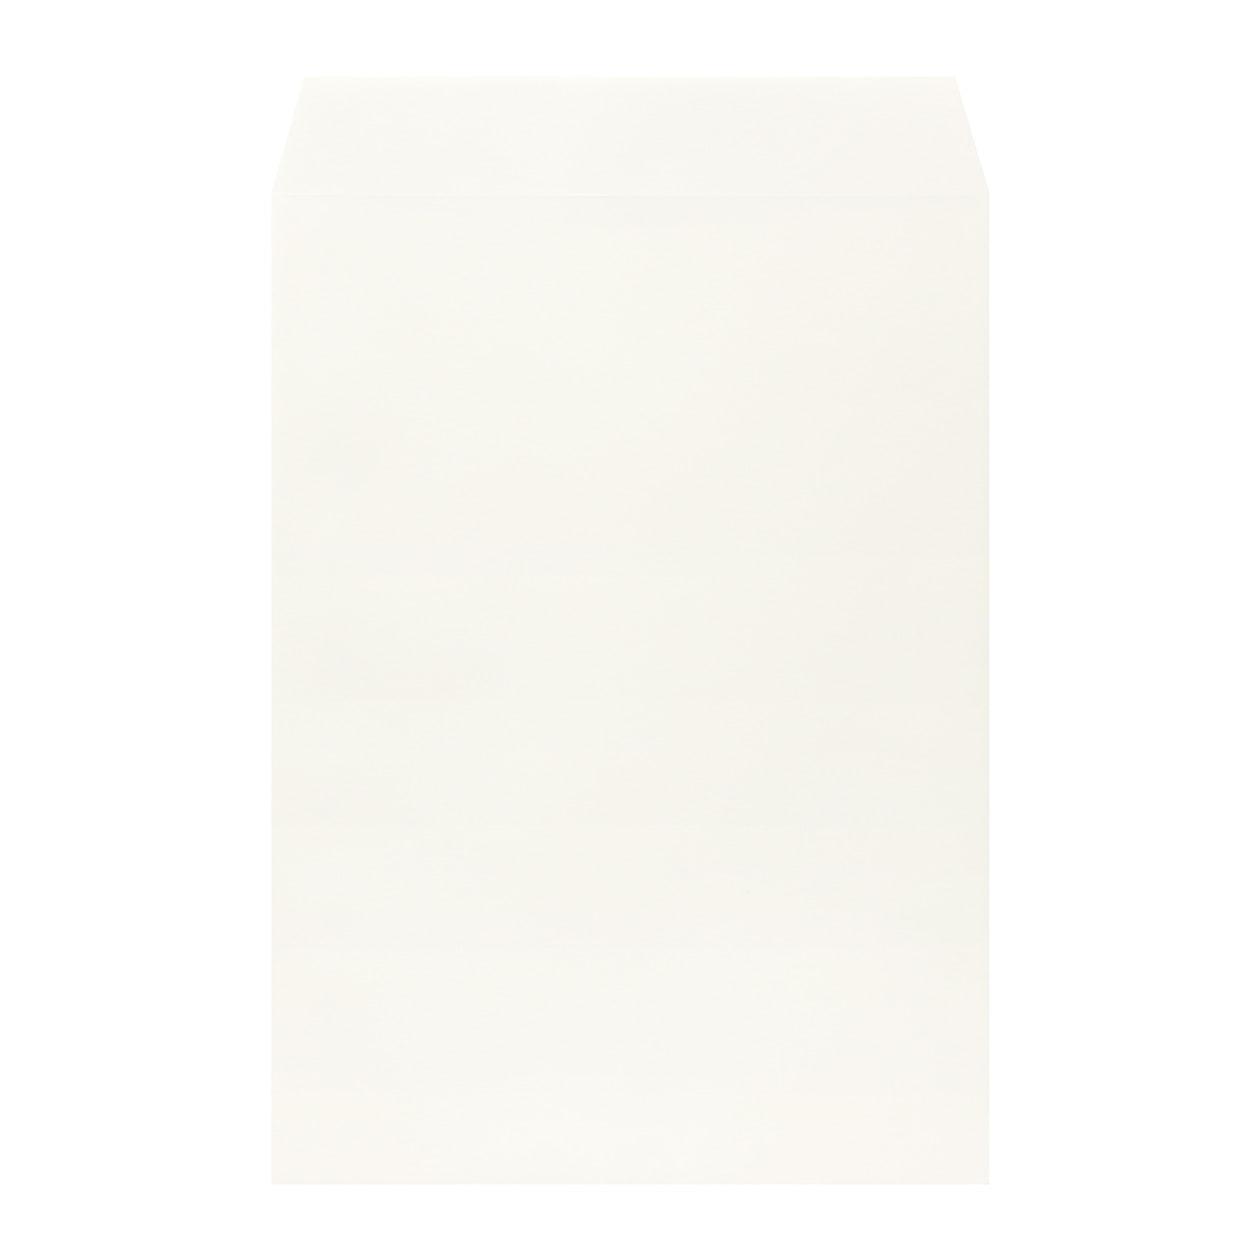 角2封筒 HAGURUMA Basic ソフトクリーム 100g